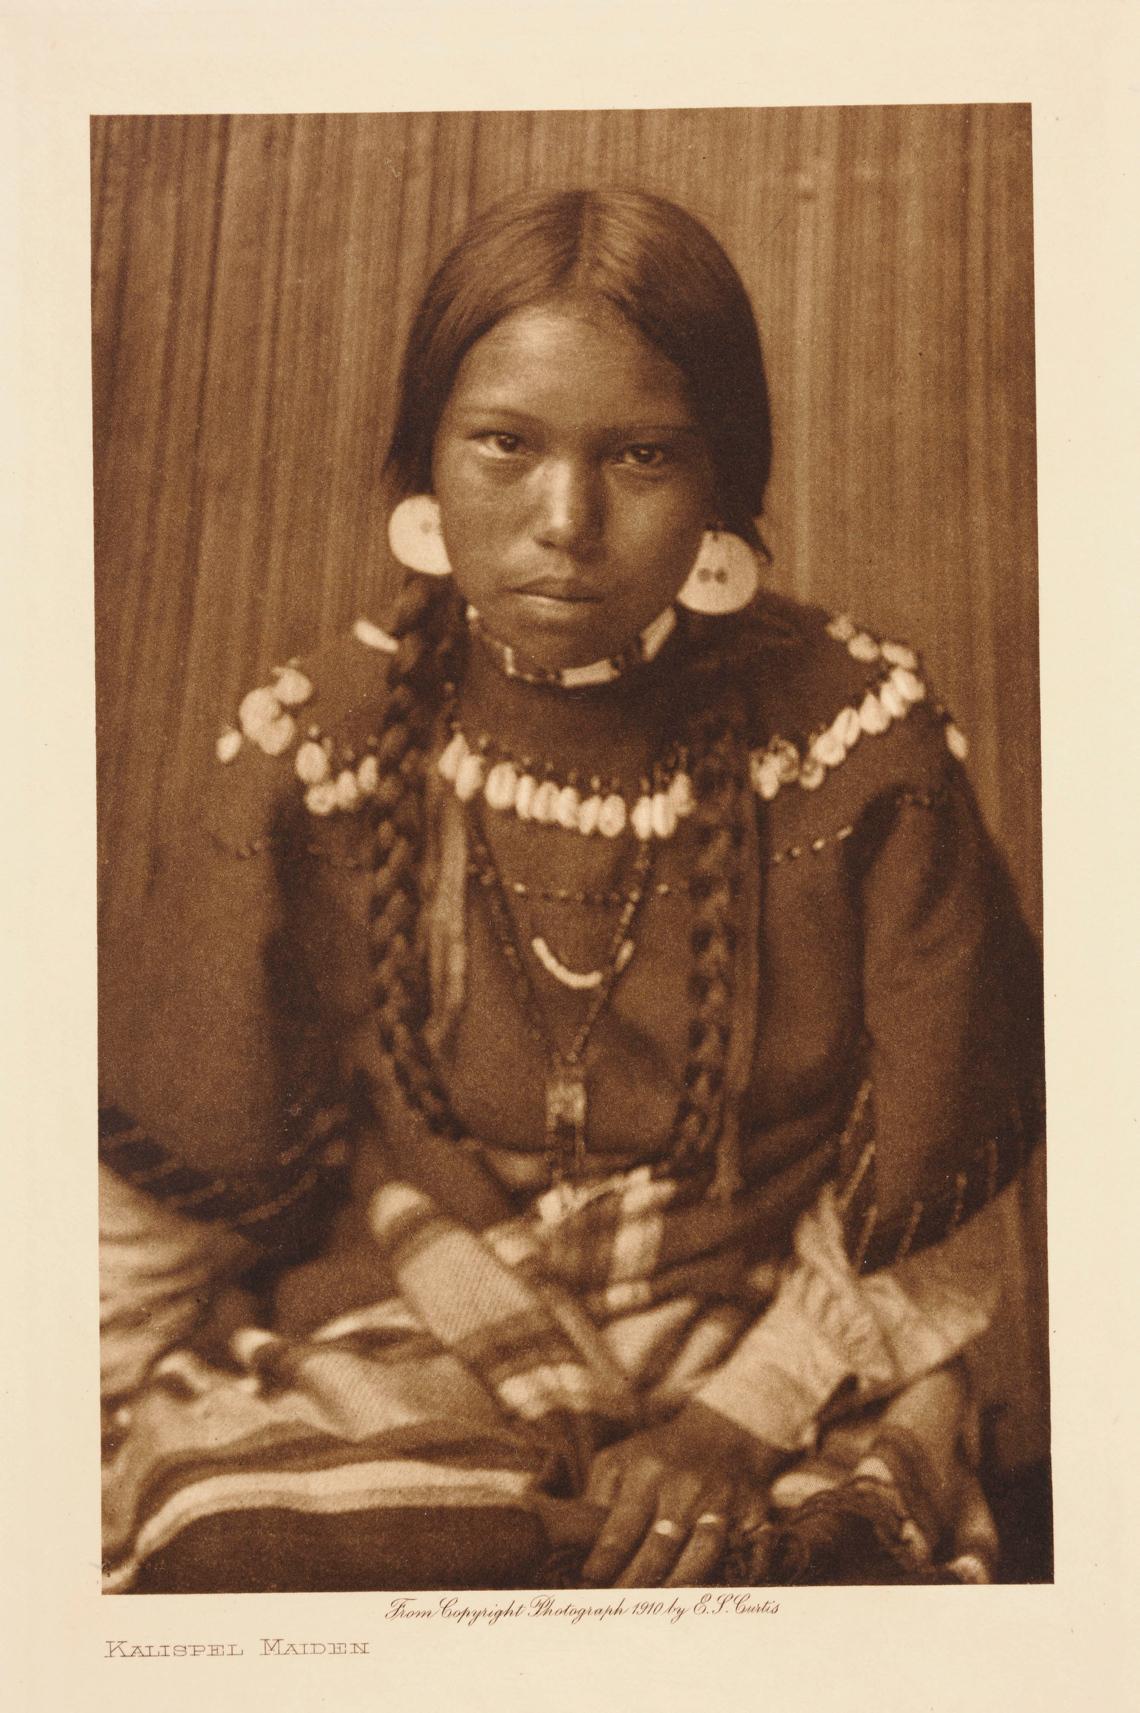 Foto: Edward S. Curtis, Kalispel Maiden, 1910. Tilhører Preus museums samling.